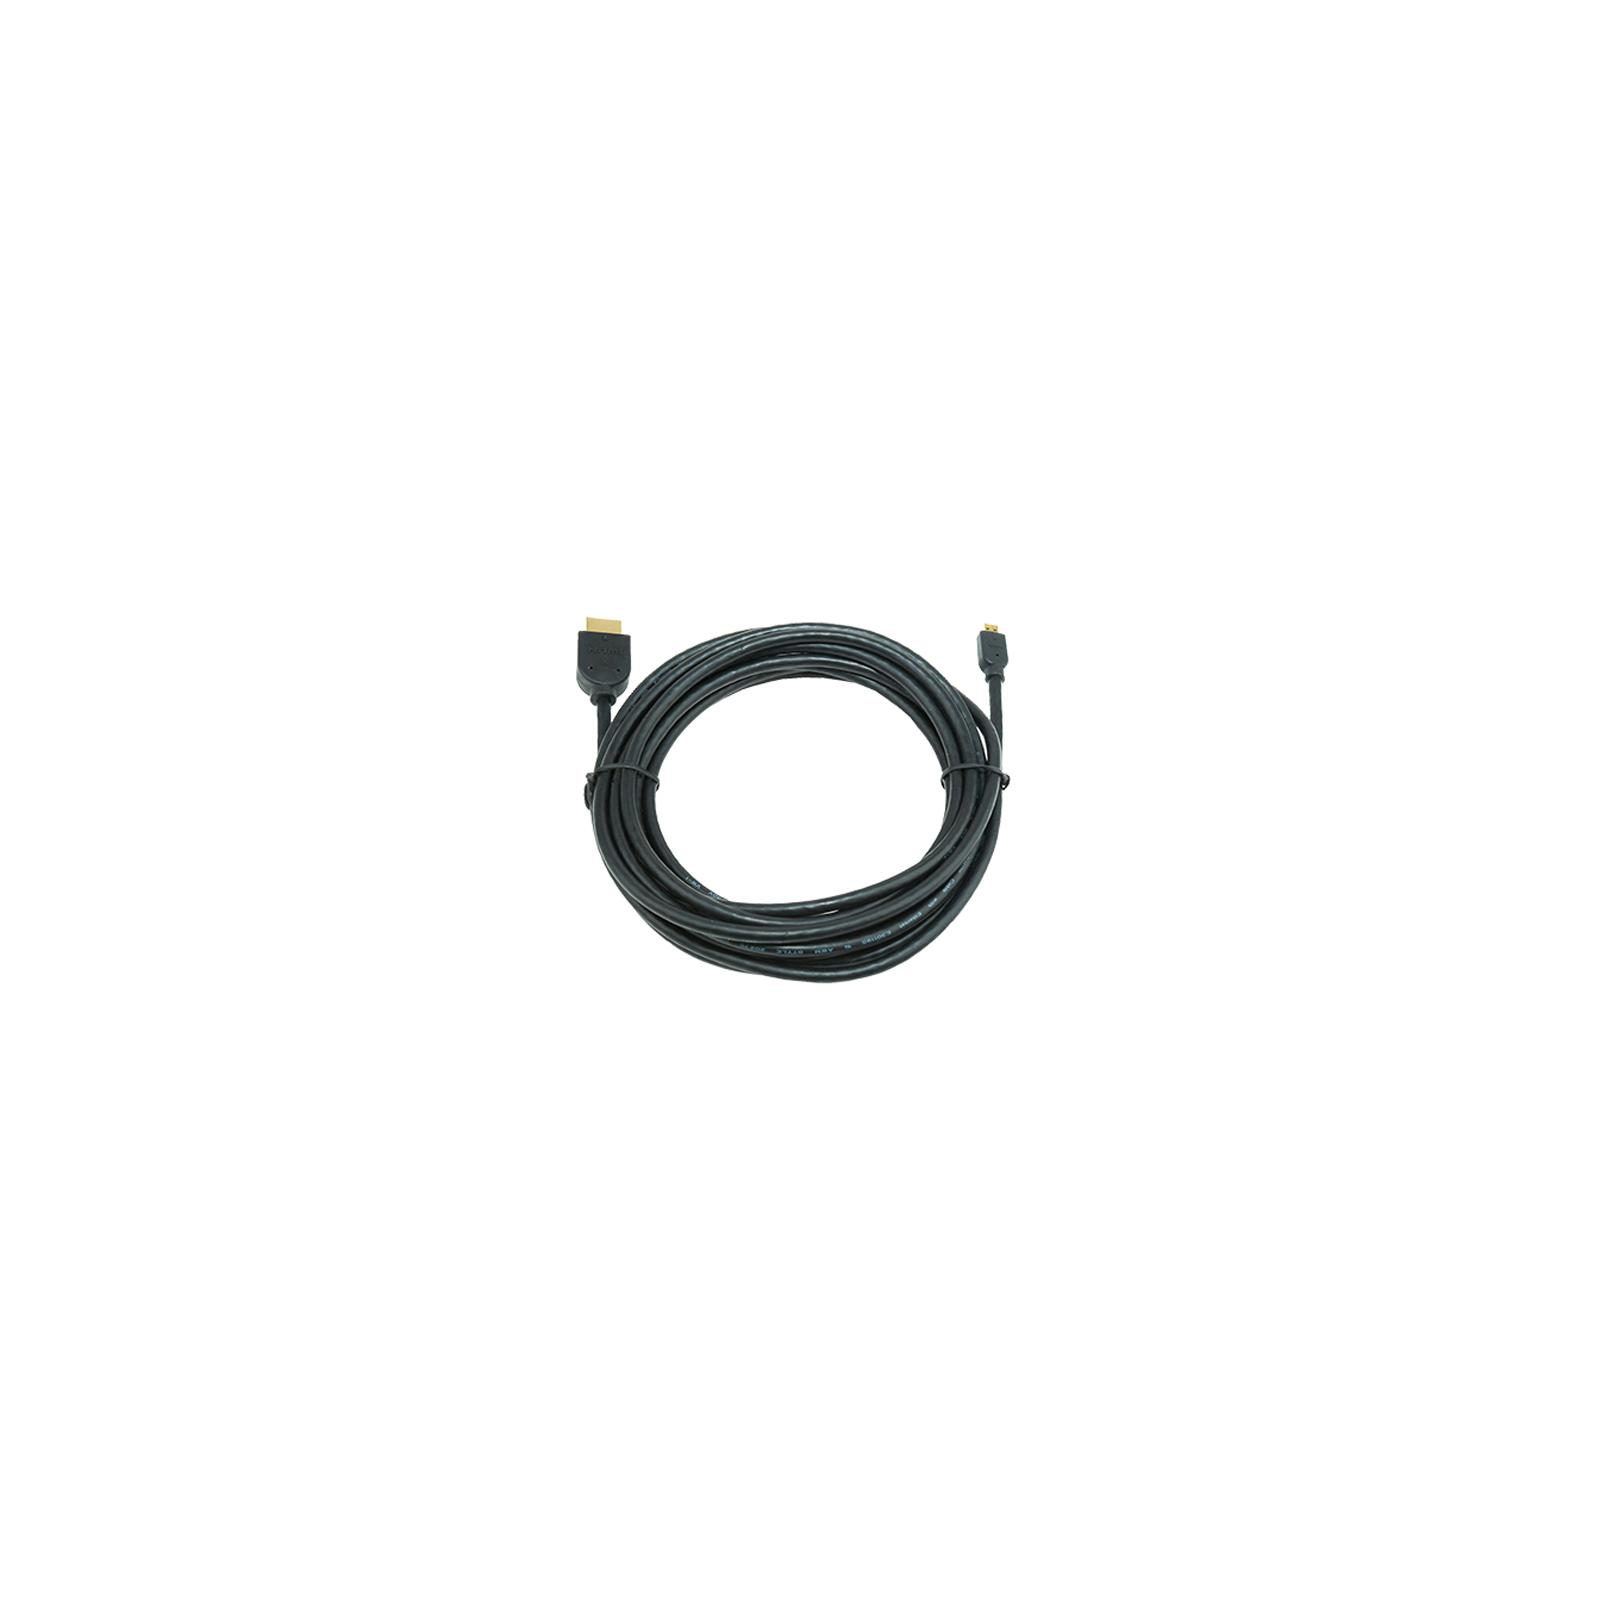 Кабель мультимедийный HDMI A to HDMI D (micro), 4.5m Cablexpert (CC-HDMID-15) изображение 2